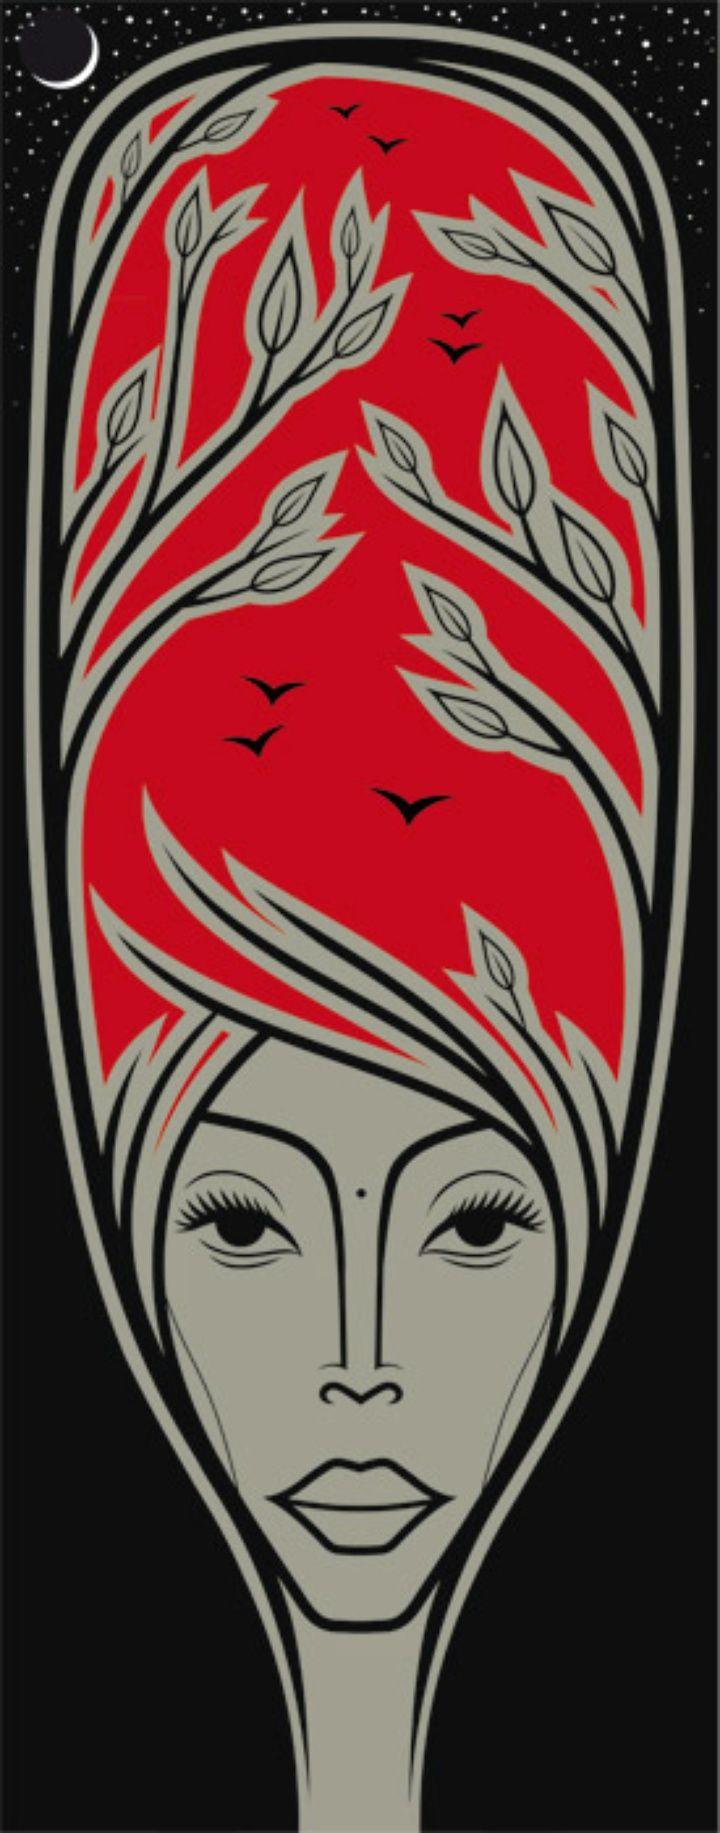 Erykah Badu by Jules Mann | Artfinder